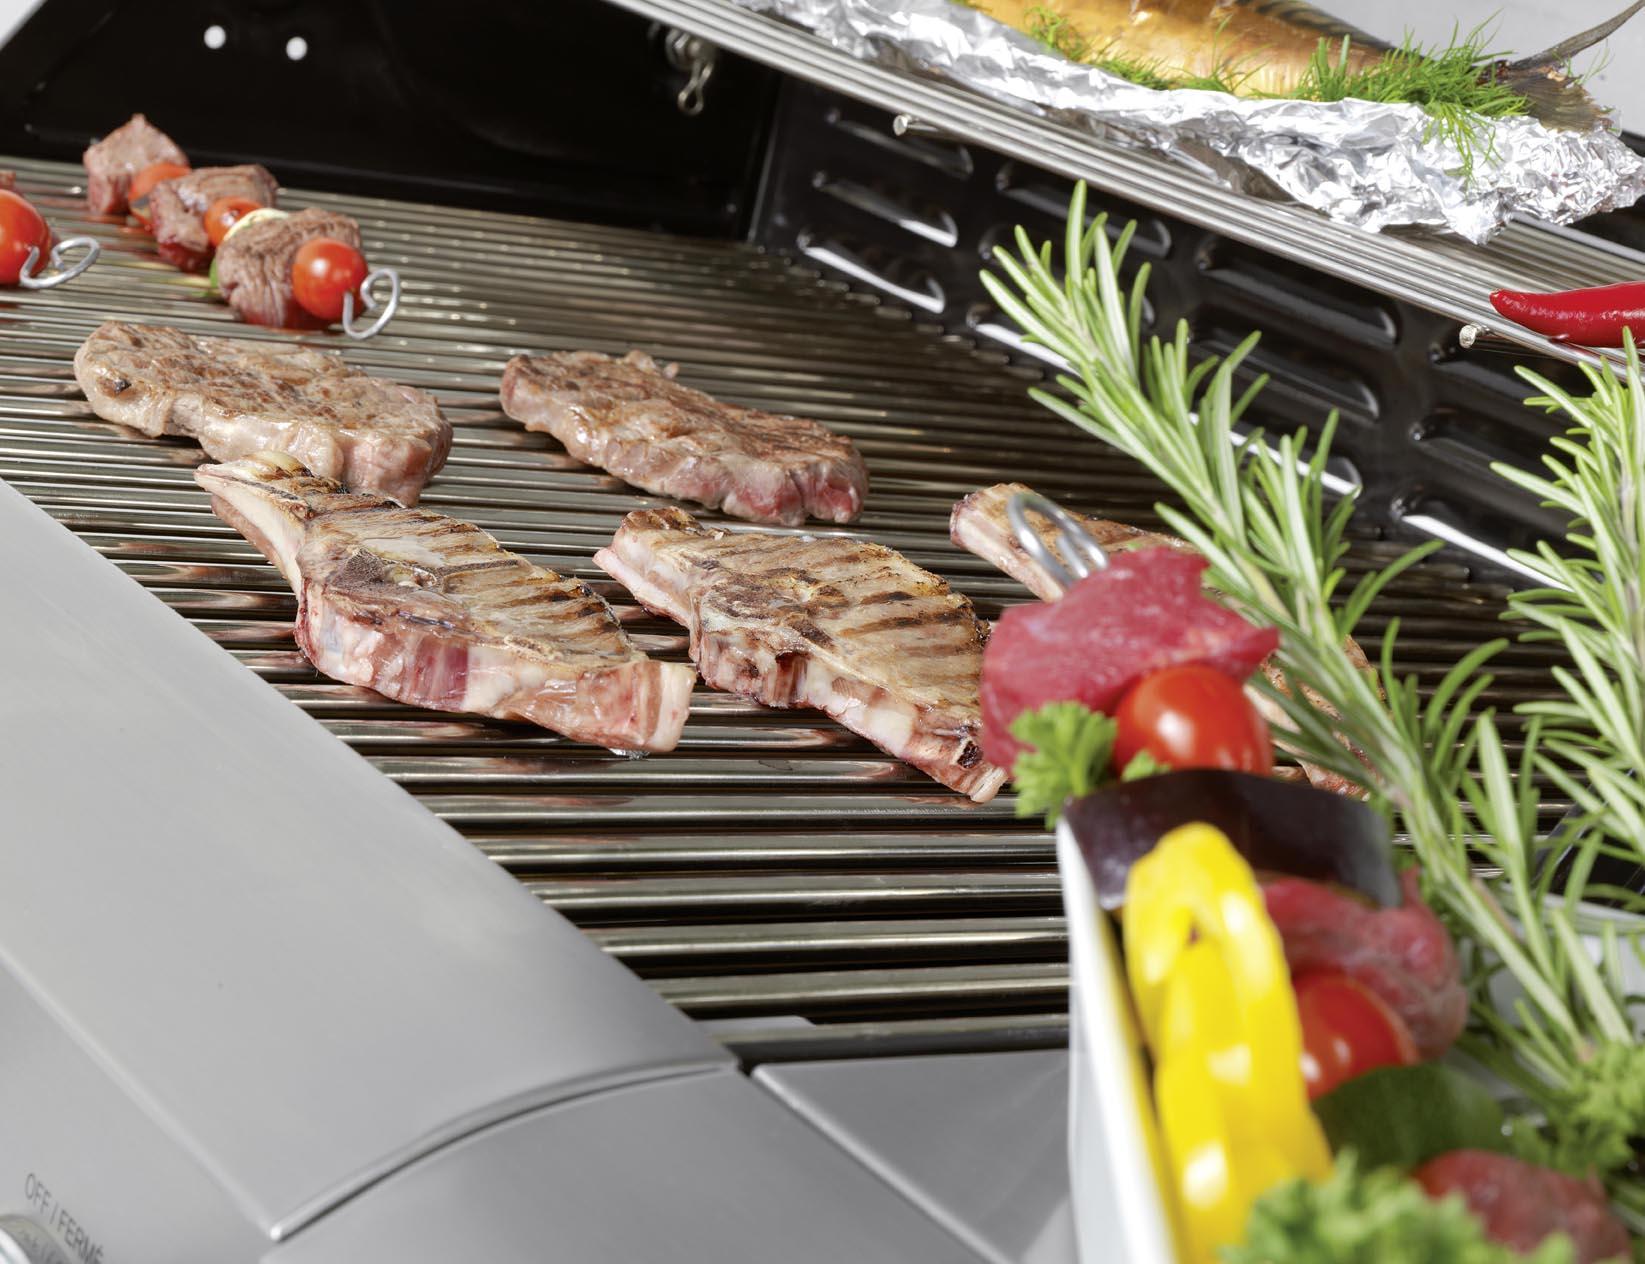 edelstahl gasgrills - langlebige, edle grills